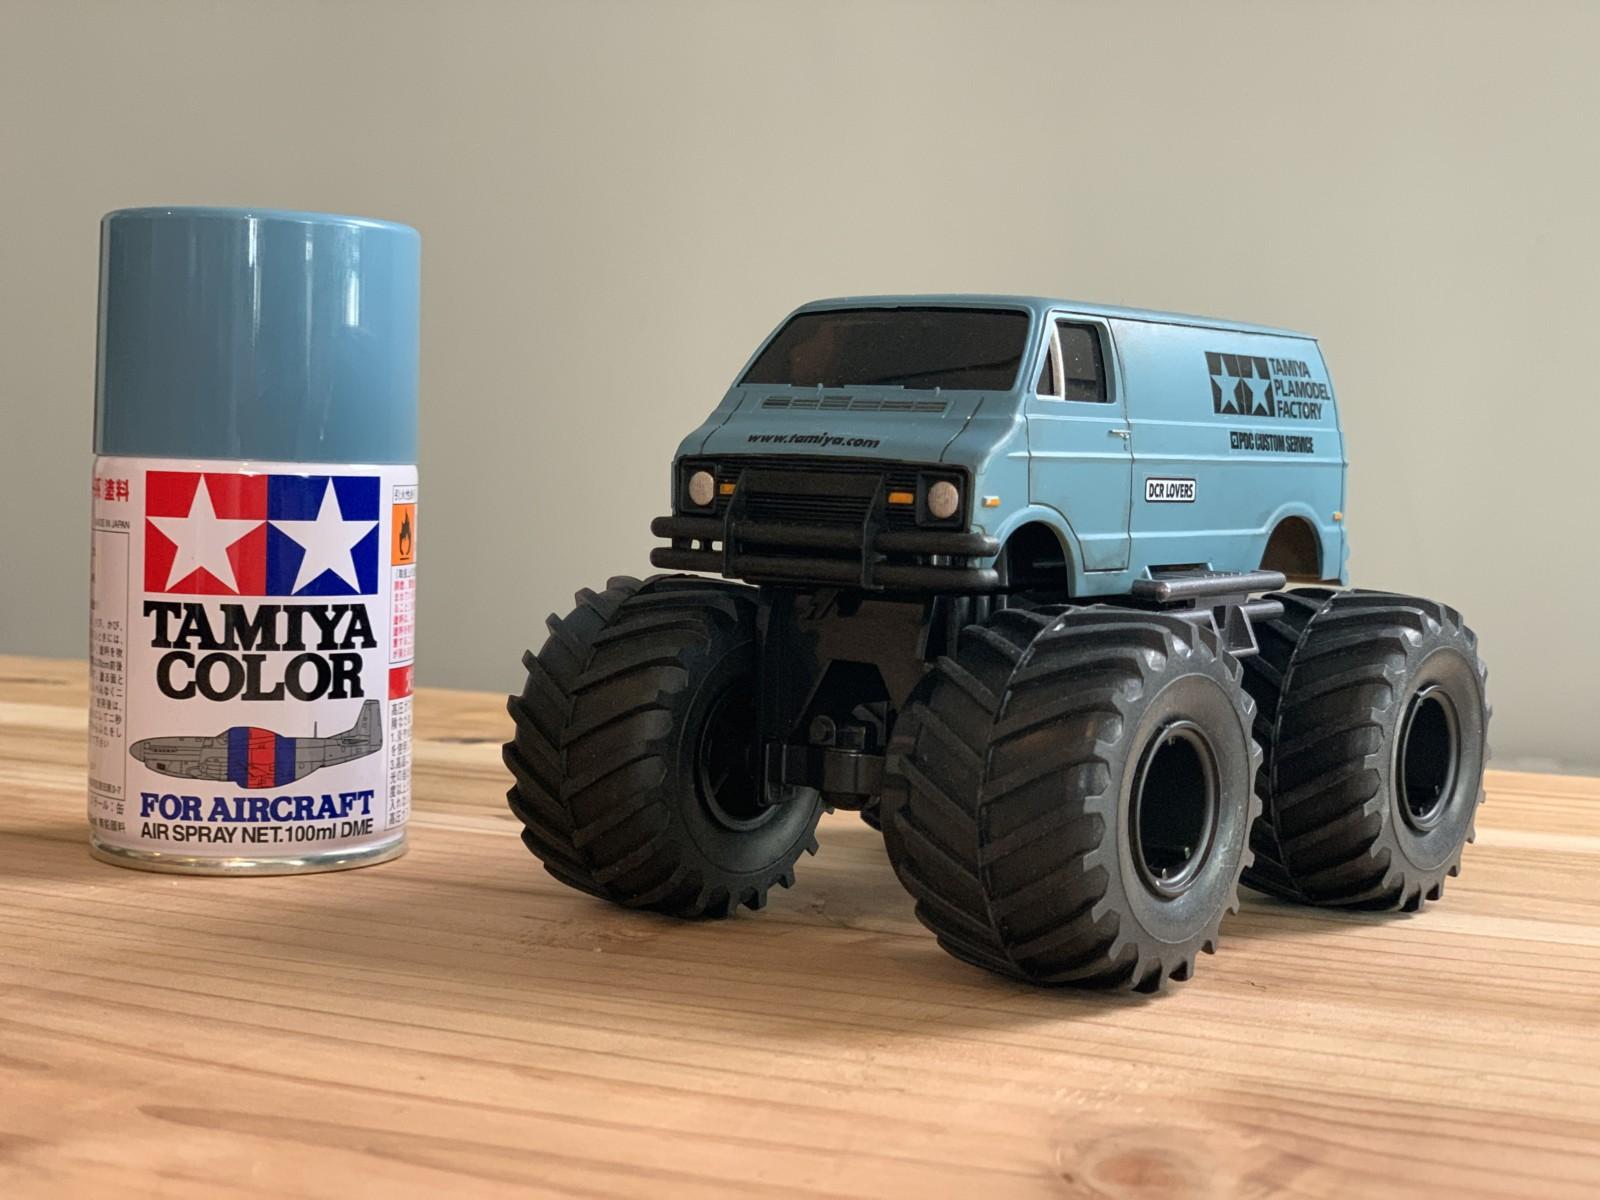 タミヤのワイルドミニ四駆ランチボックスジュニアの塗装